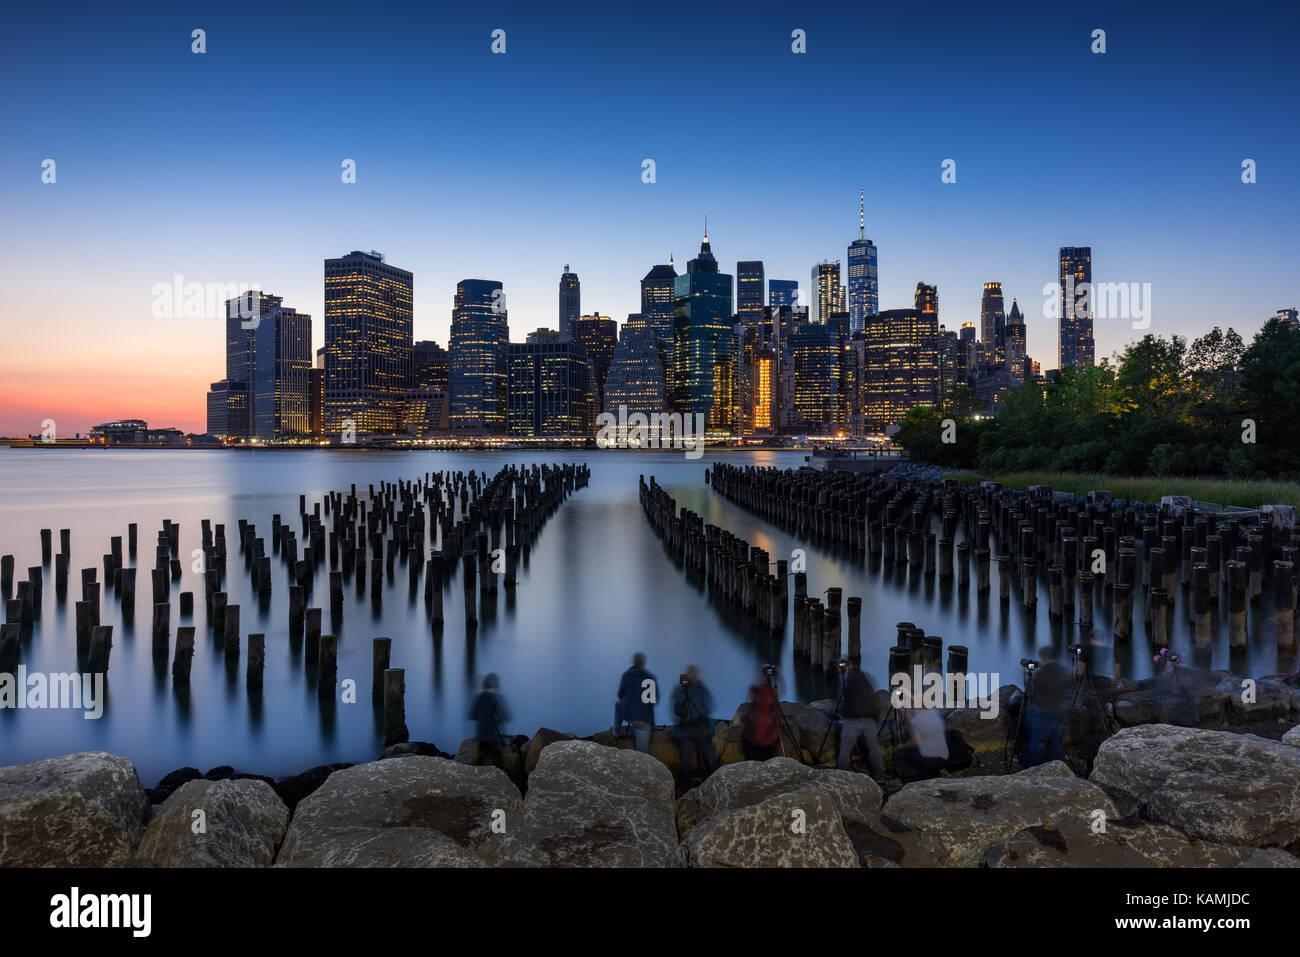 Wolkenkratzer von Manhattan bei Sonnenuntergang und Holz-pilings aus Brooklyn Bridge Park. Manhattan, New York City Stockbild